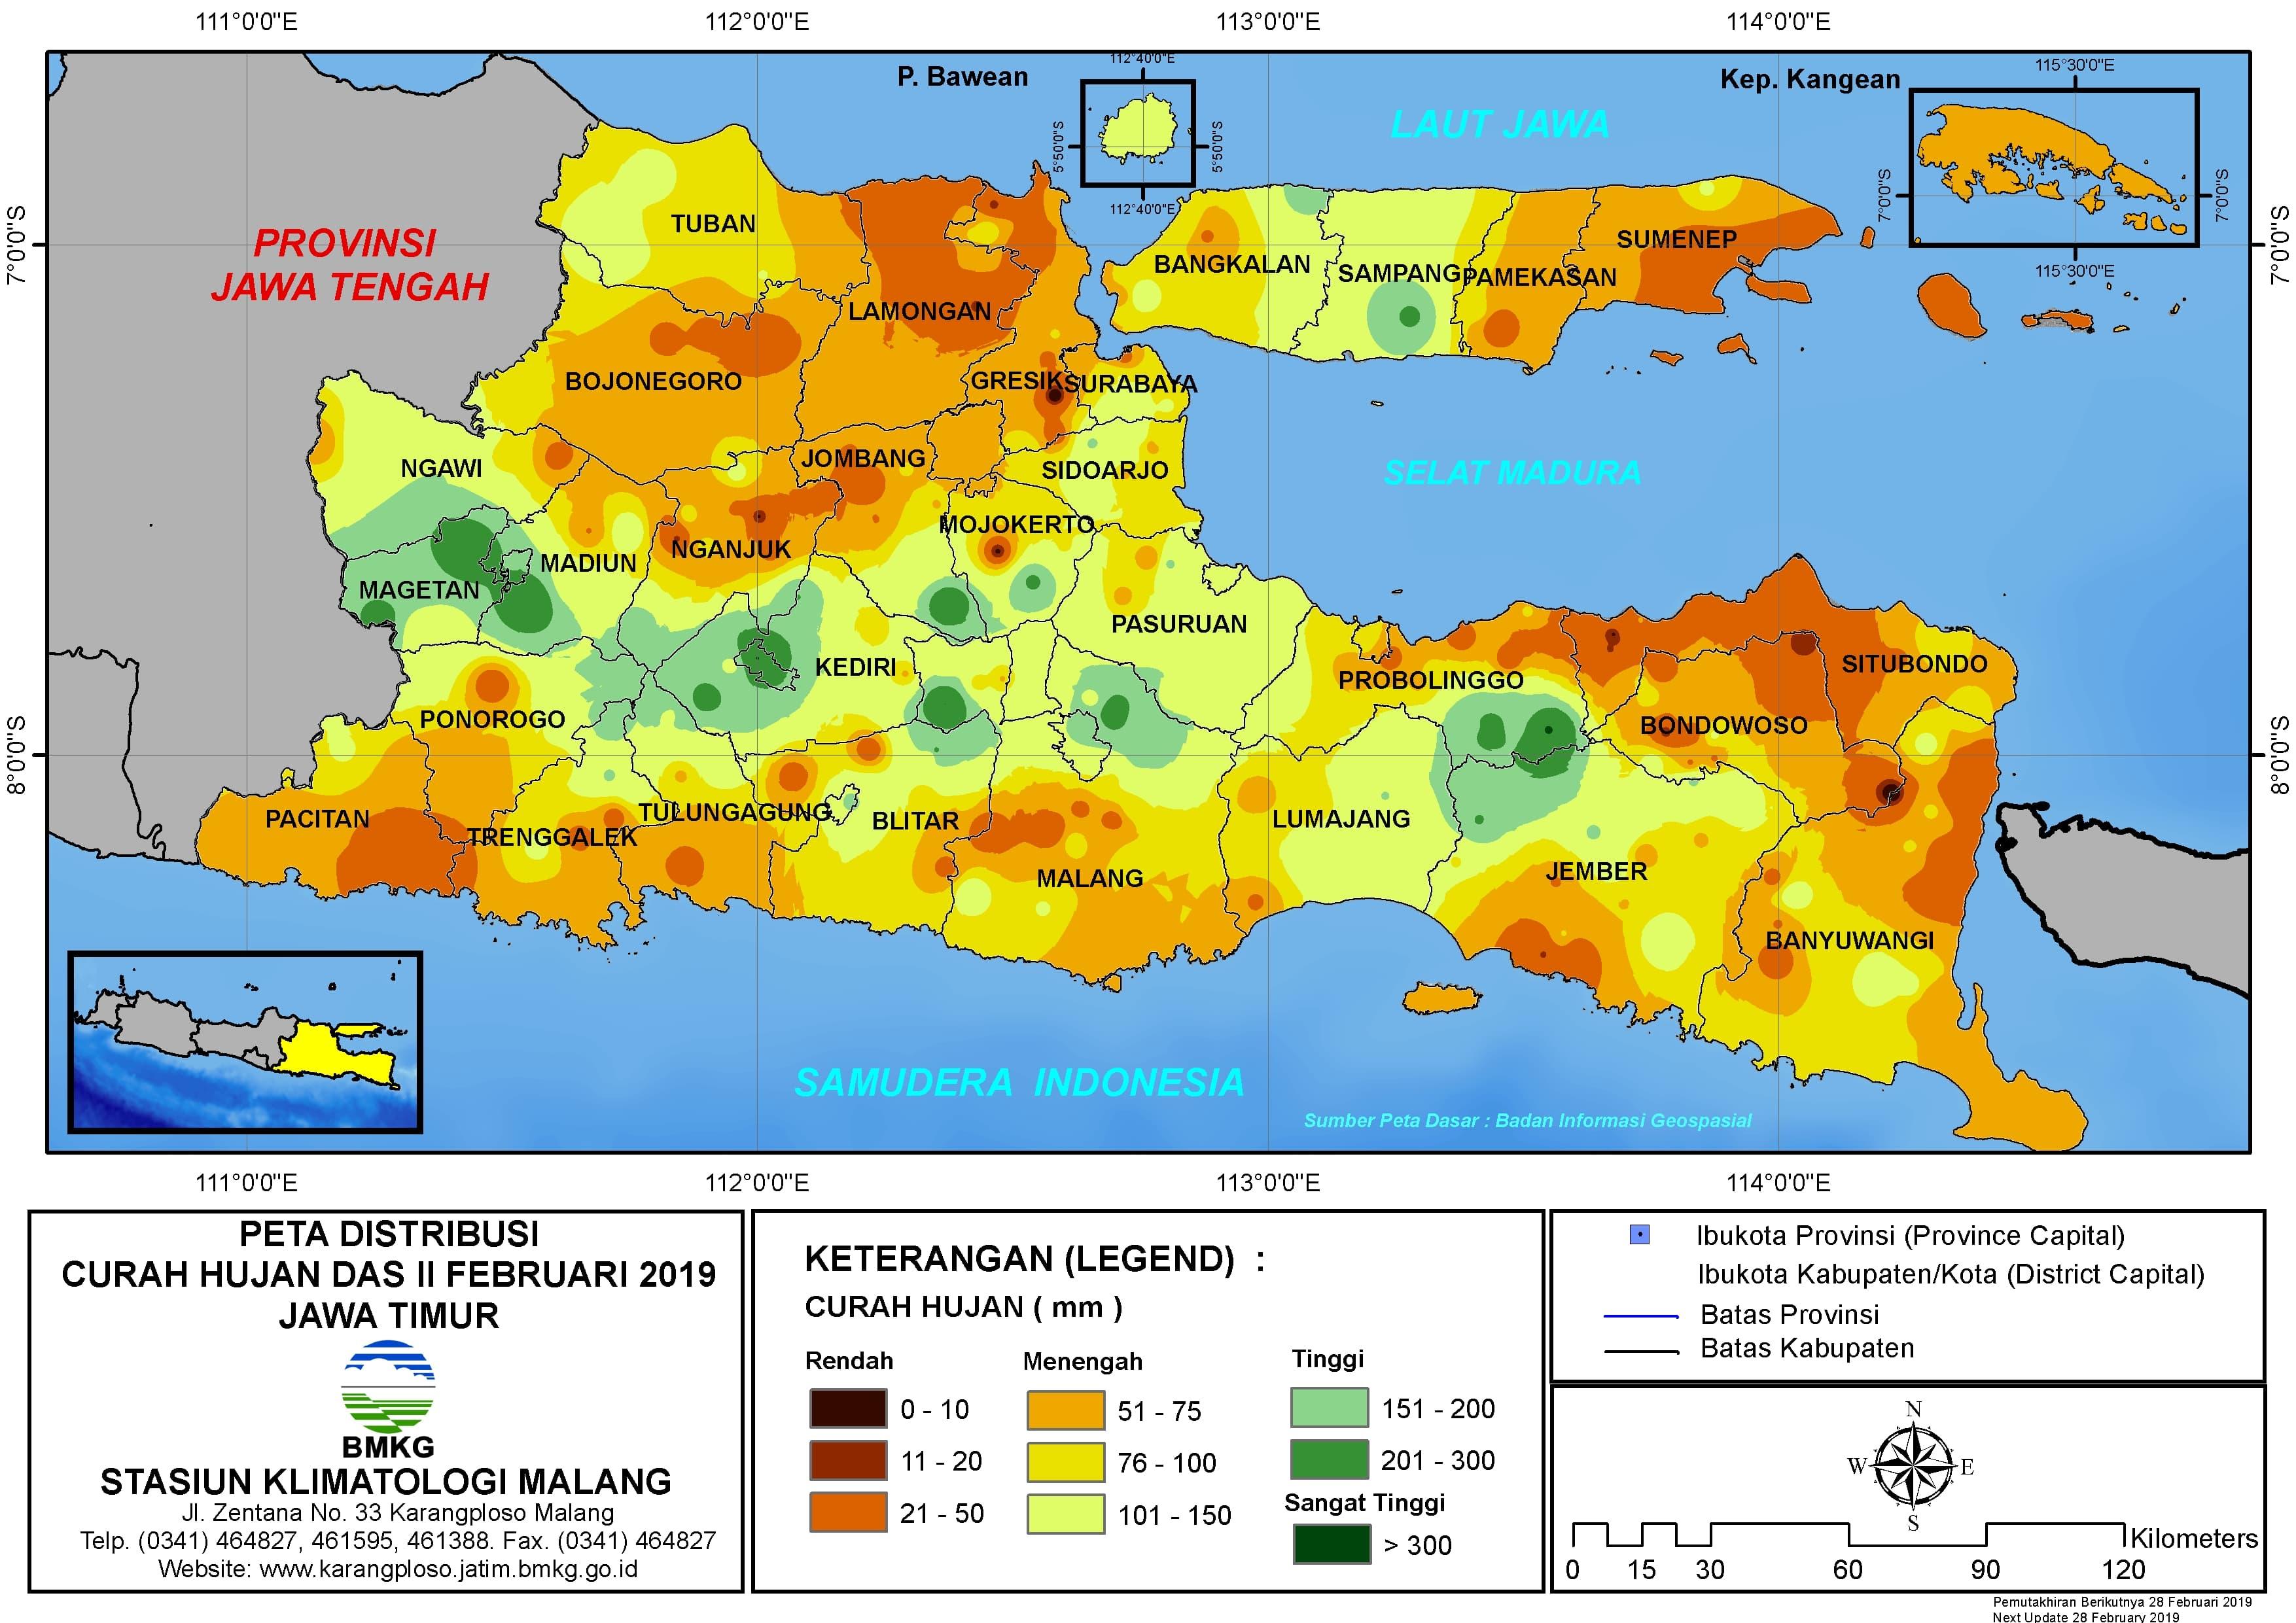 Peta Analisis Distribusi Curah Hujan Dasarian II Februari 2019 di Provinsi Jawa Timur